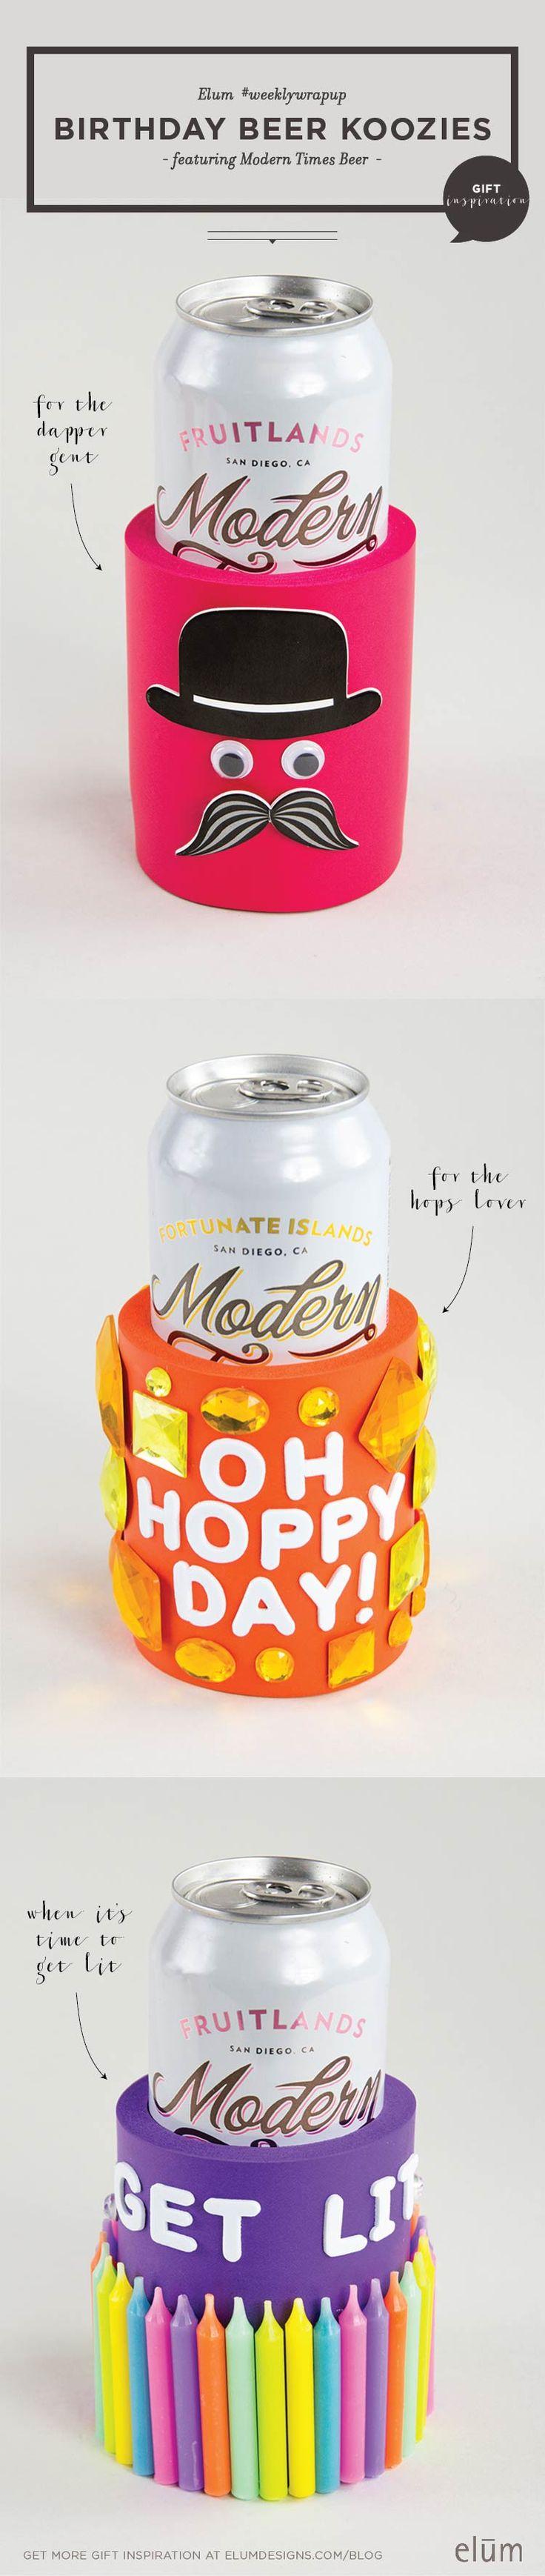 DIY Birthday Beer Koozies! Cheers!